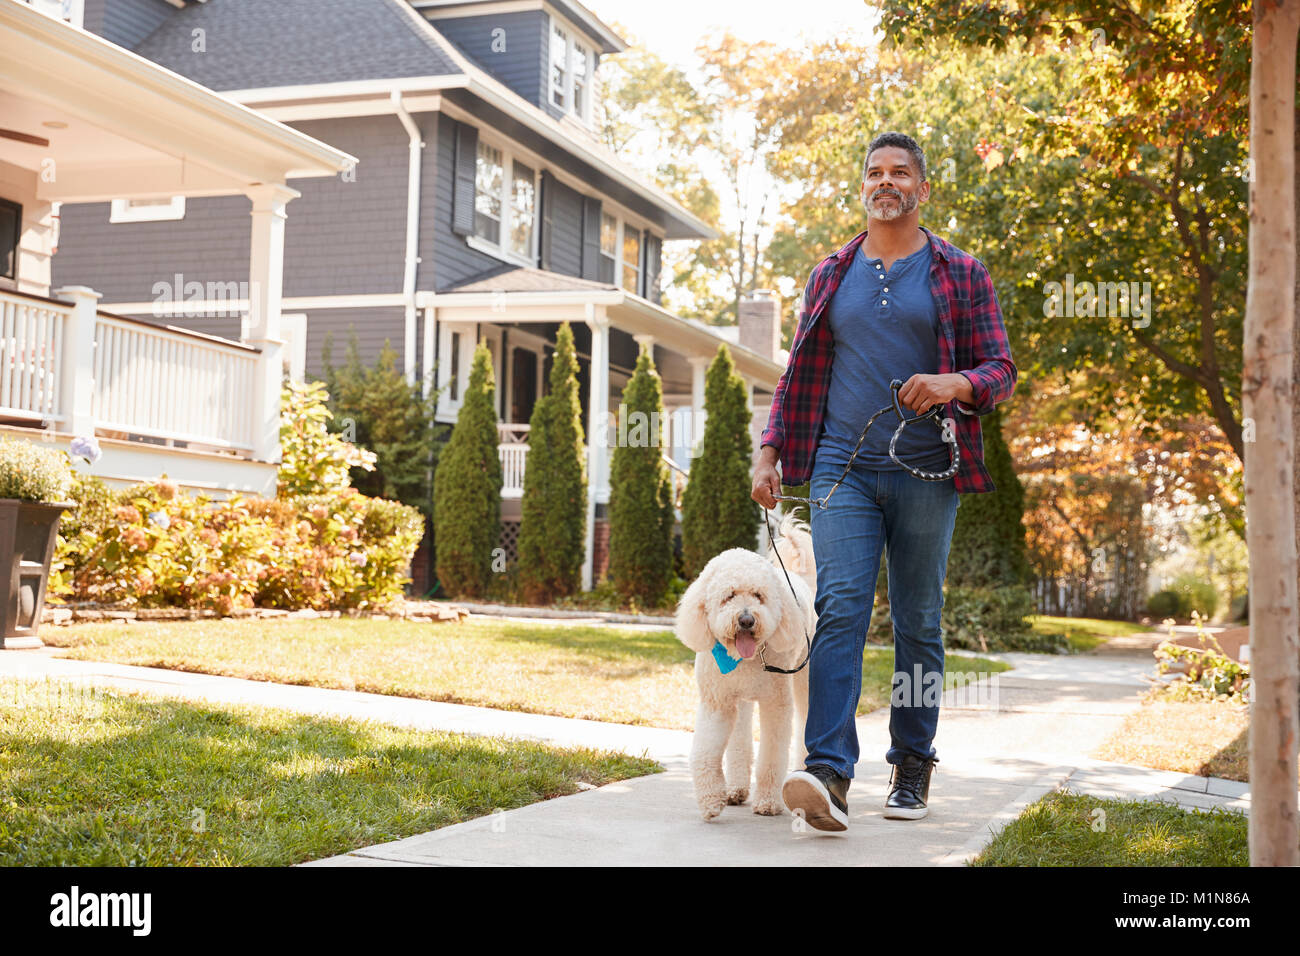 Man Walking Dog Along Suburban Street - Stock Image